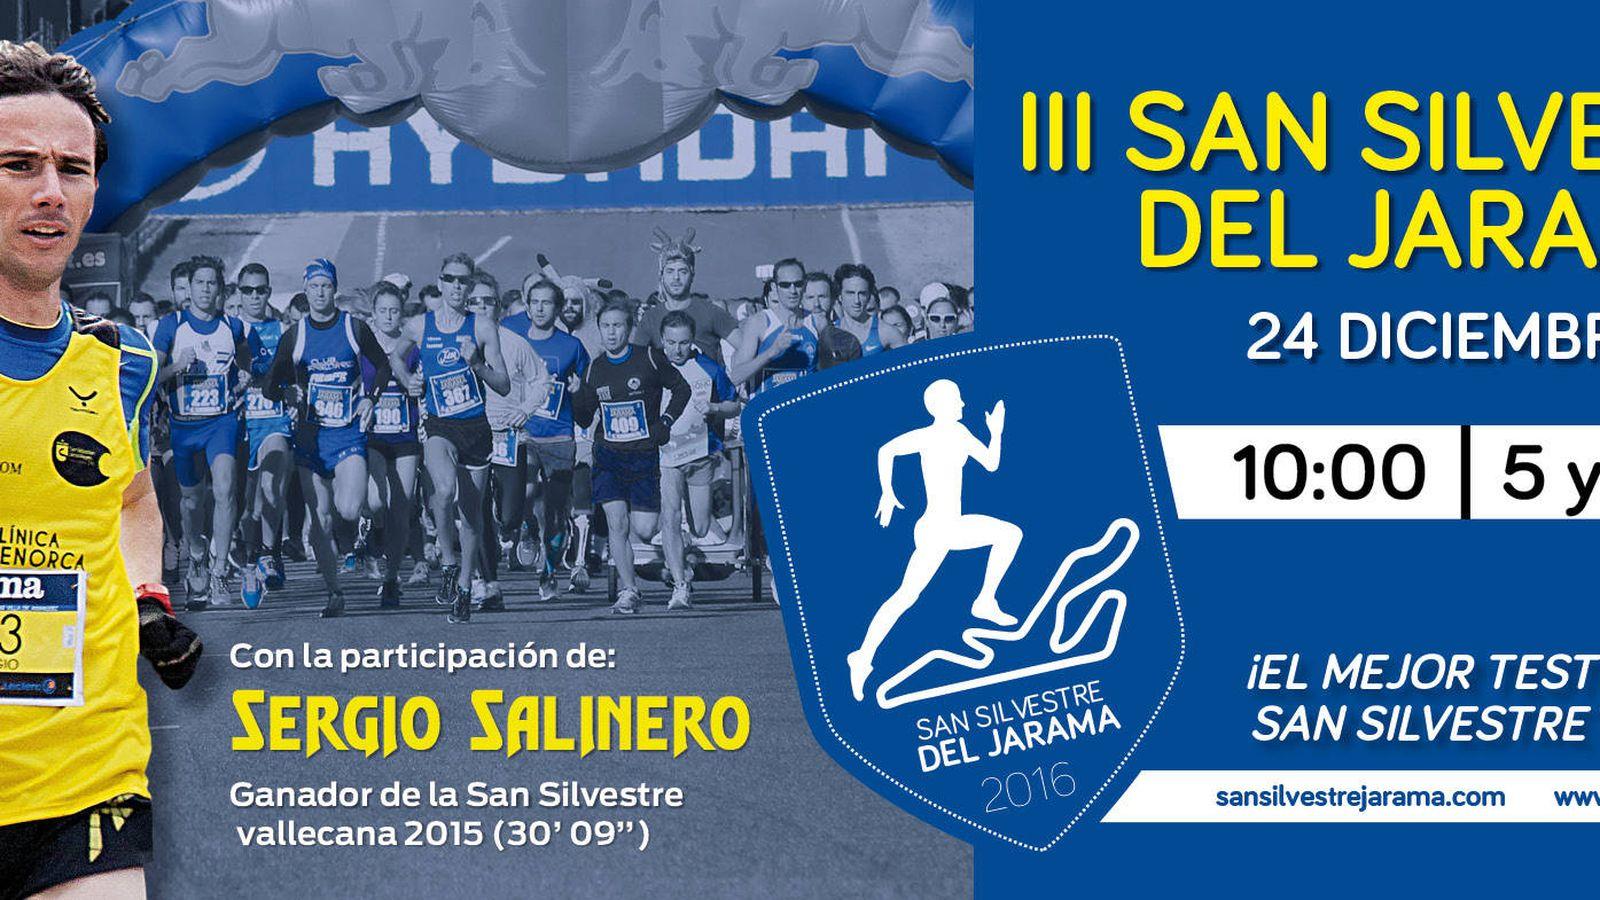 Foto: Cartel promocional de la San Silvestre del Jarama.